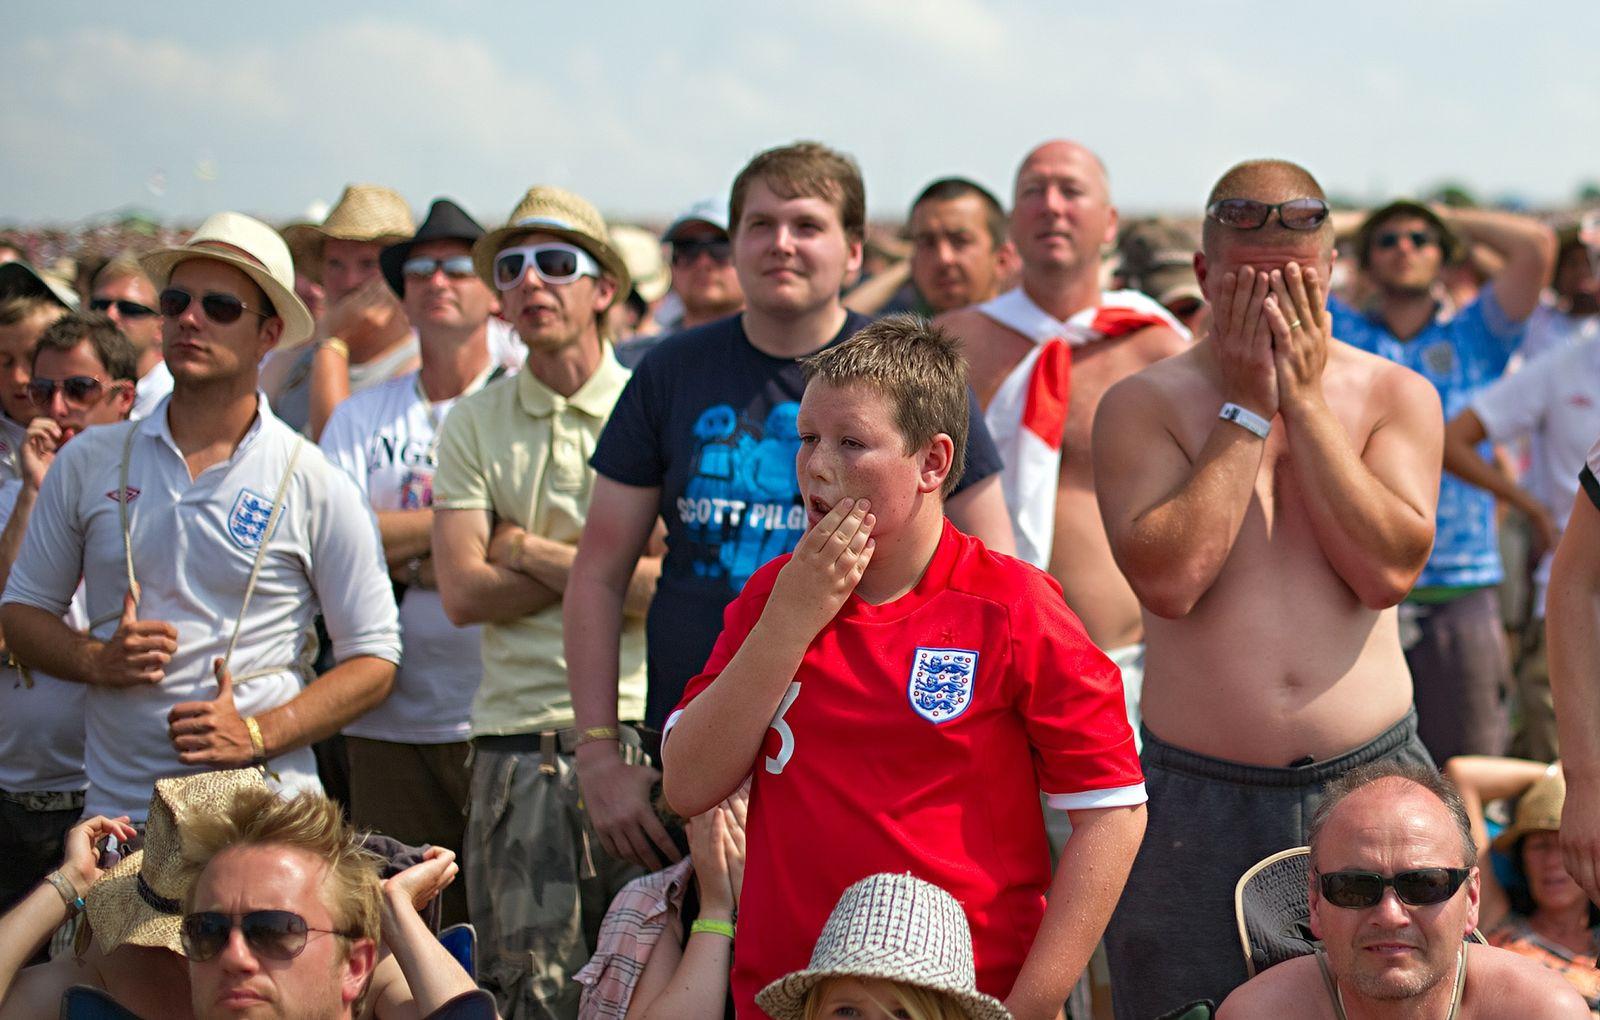 WM 2010 Deutschland-England/ Fans